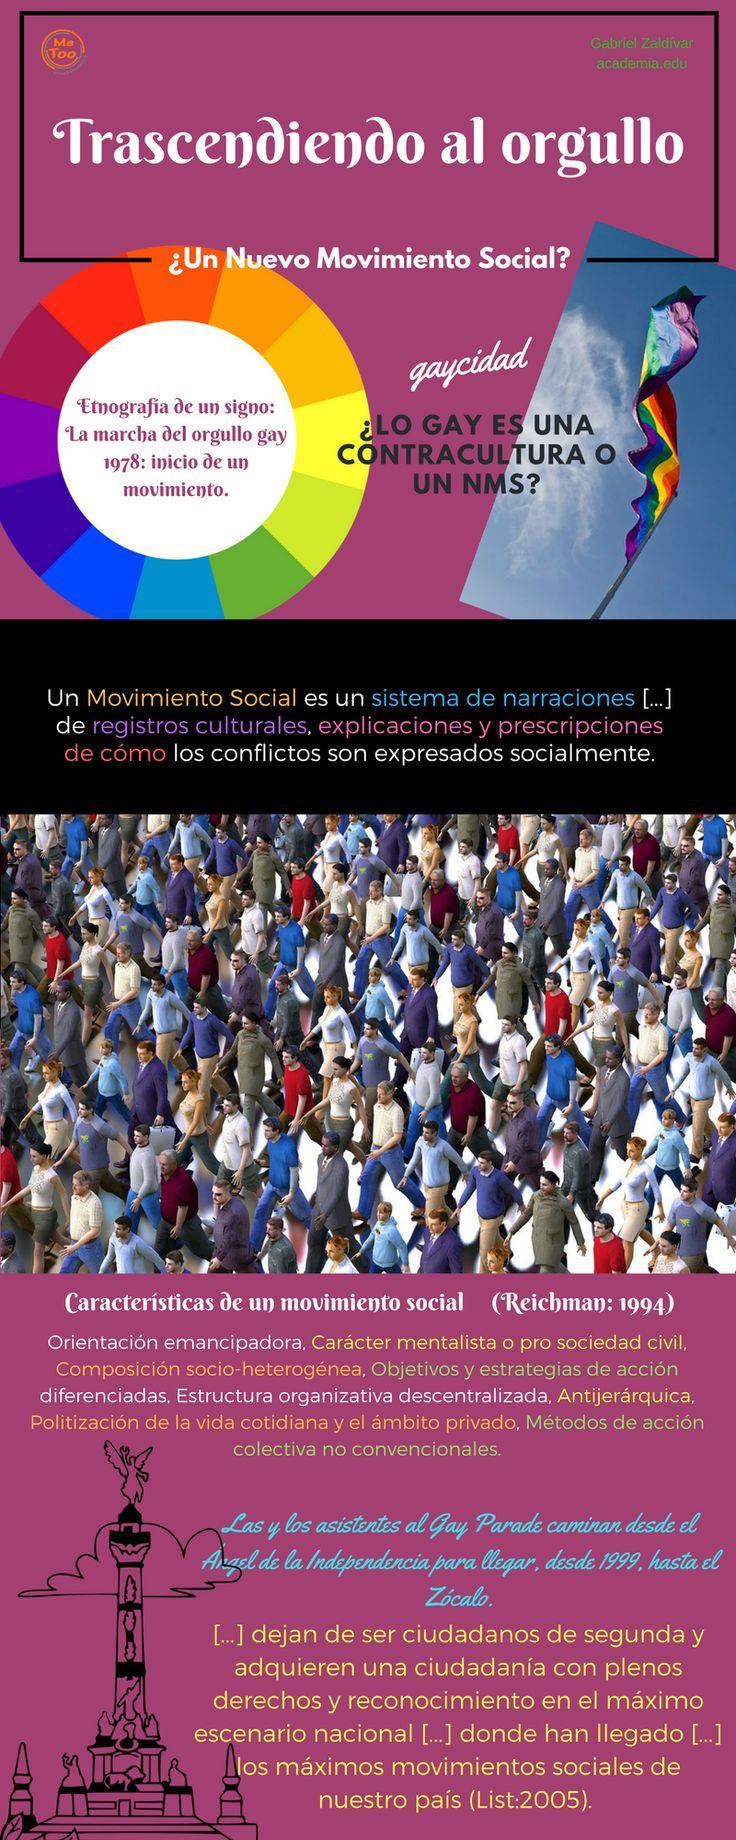 Gabriel Zaldívar | Identidad y Pensamiento - Academia.edu Filosofía del lenguaje, Sex and gender.Igualdad, Equidad, Género, No discriminar, Educación, Intercultural, Multicultural.